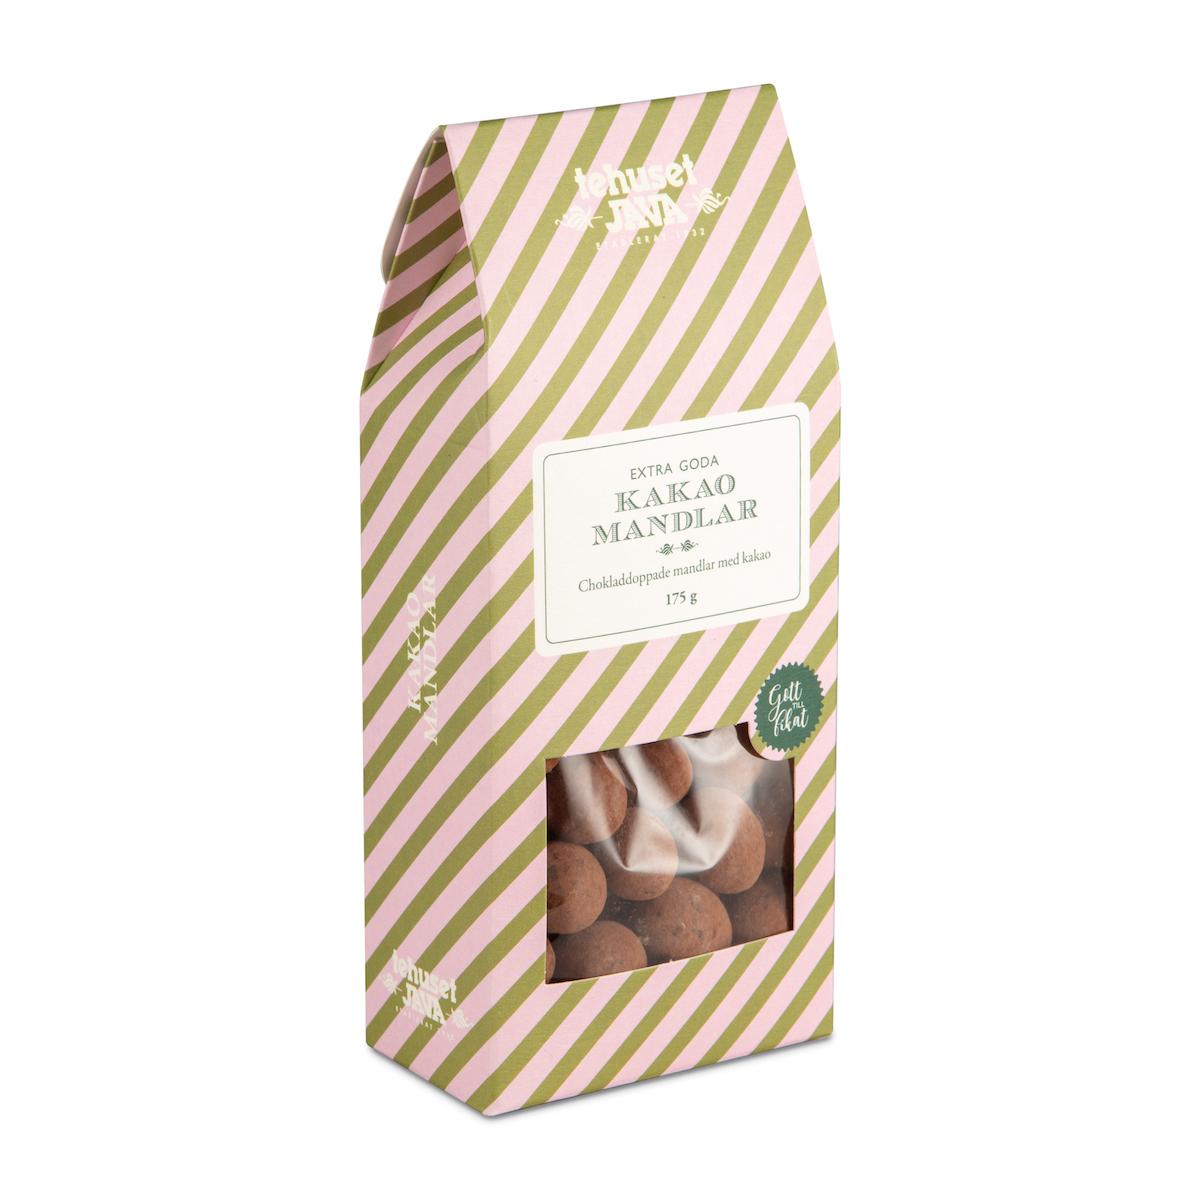 Tehuset Javas Kakaomandlar 175g